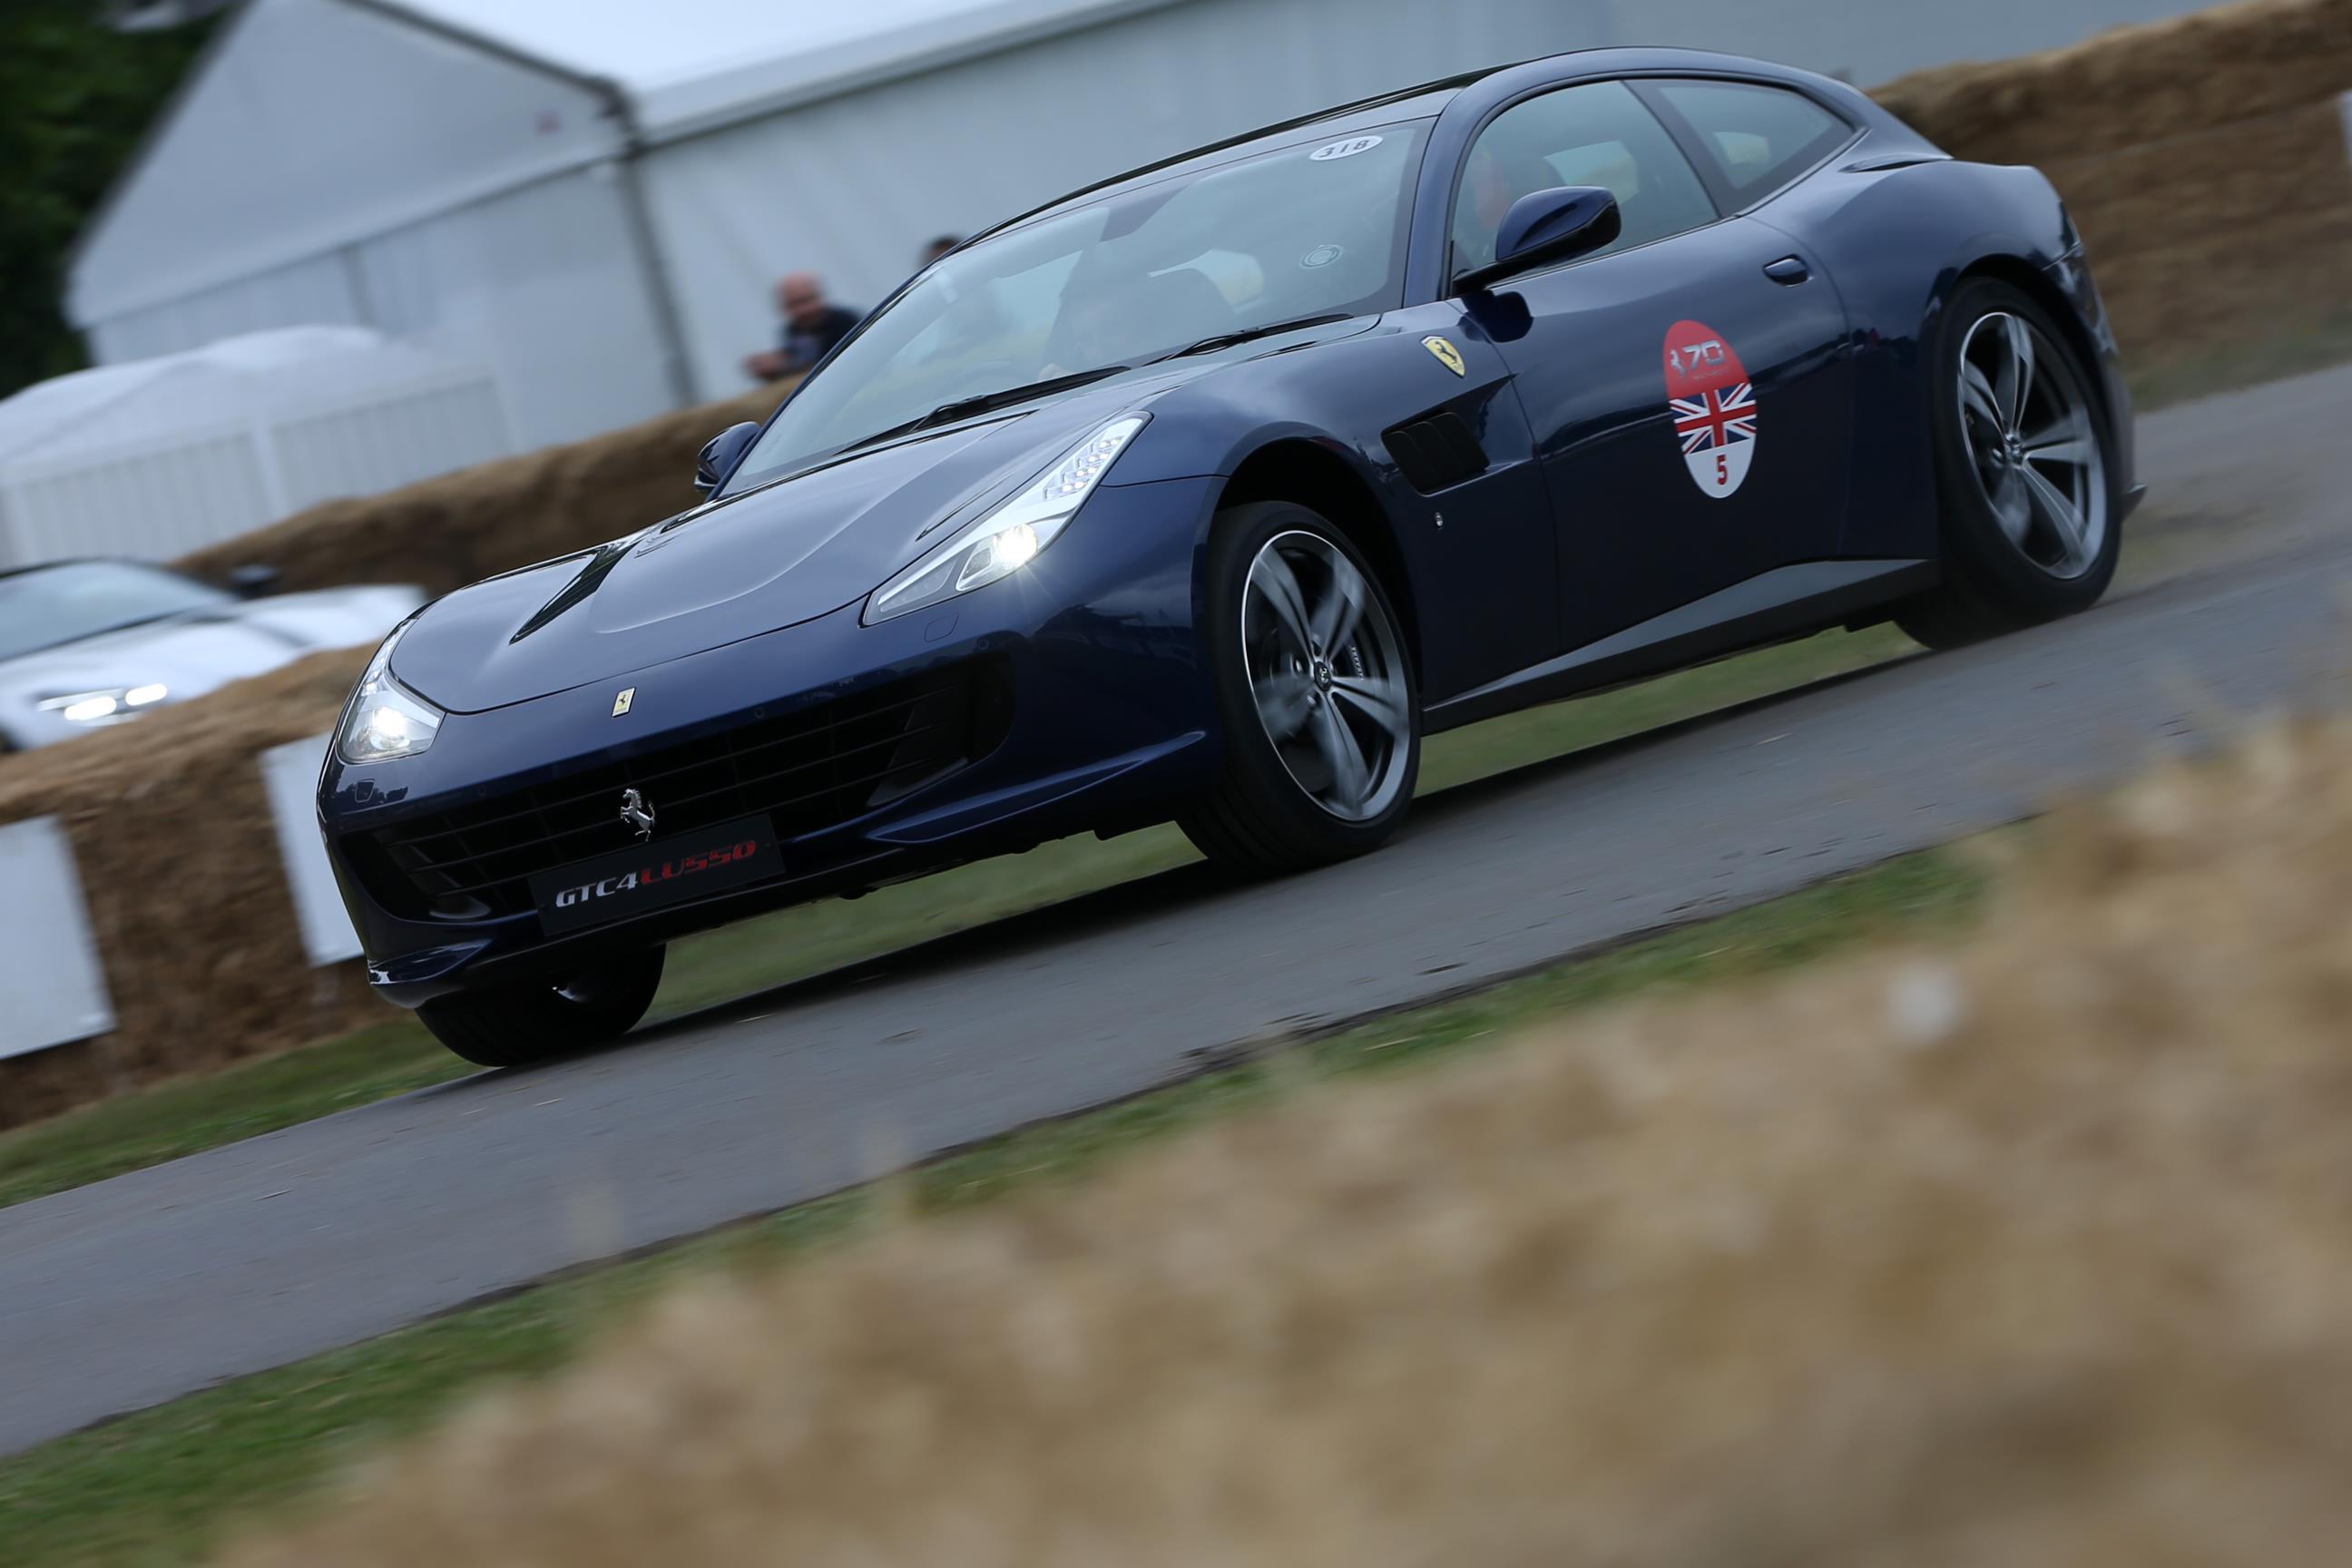 Ferrari-02(3)